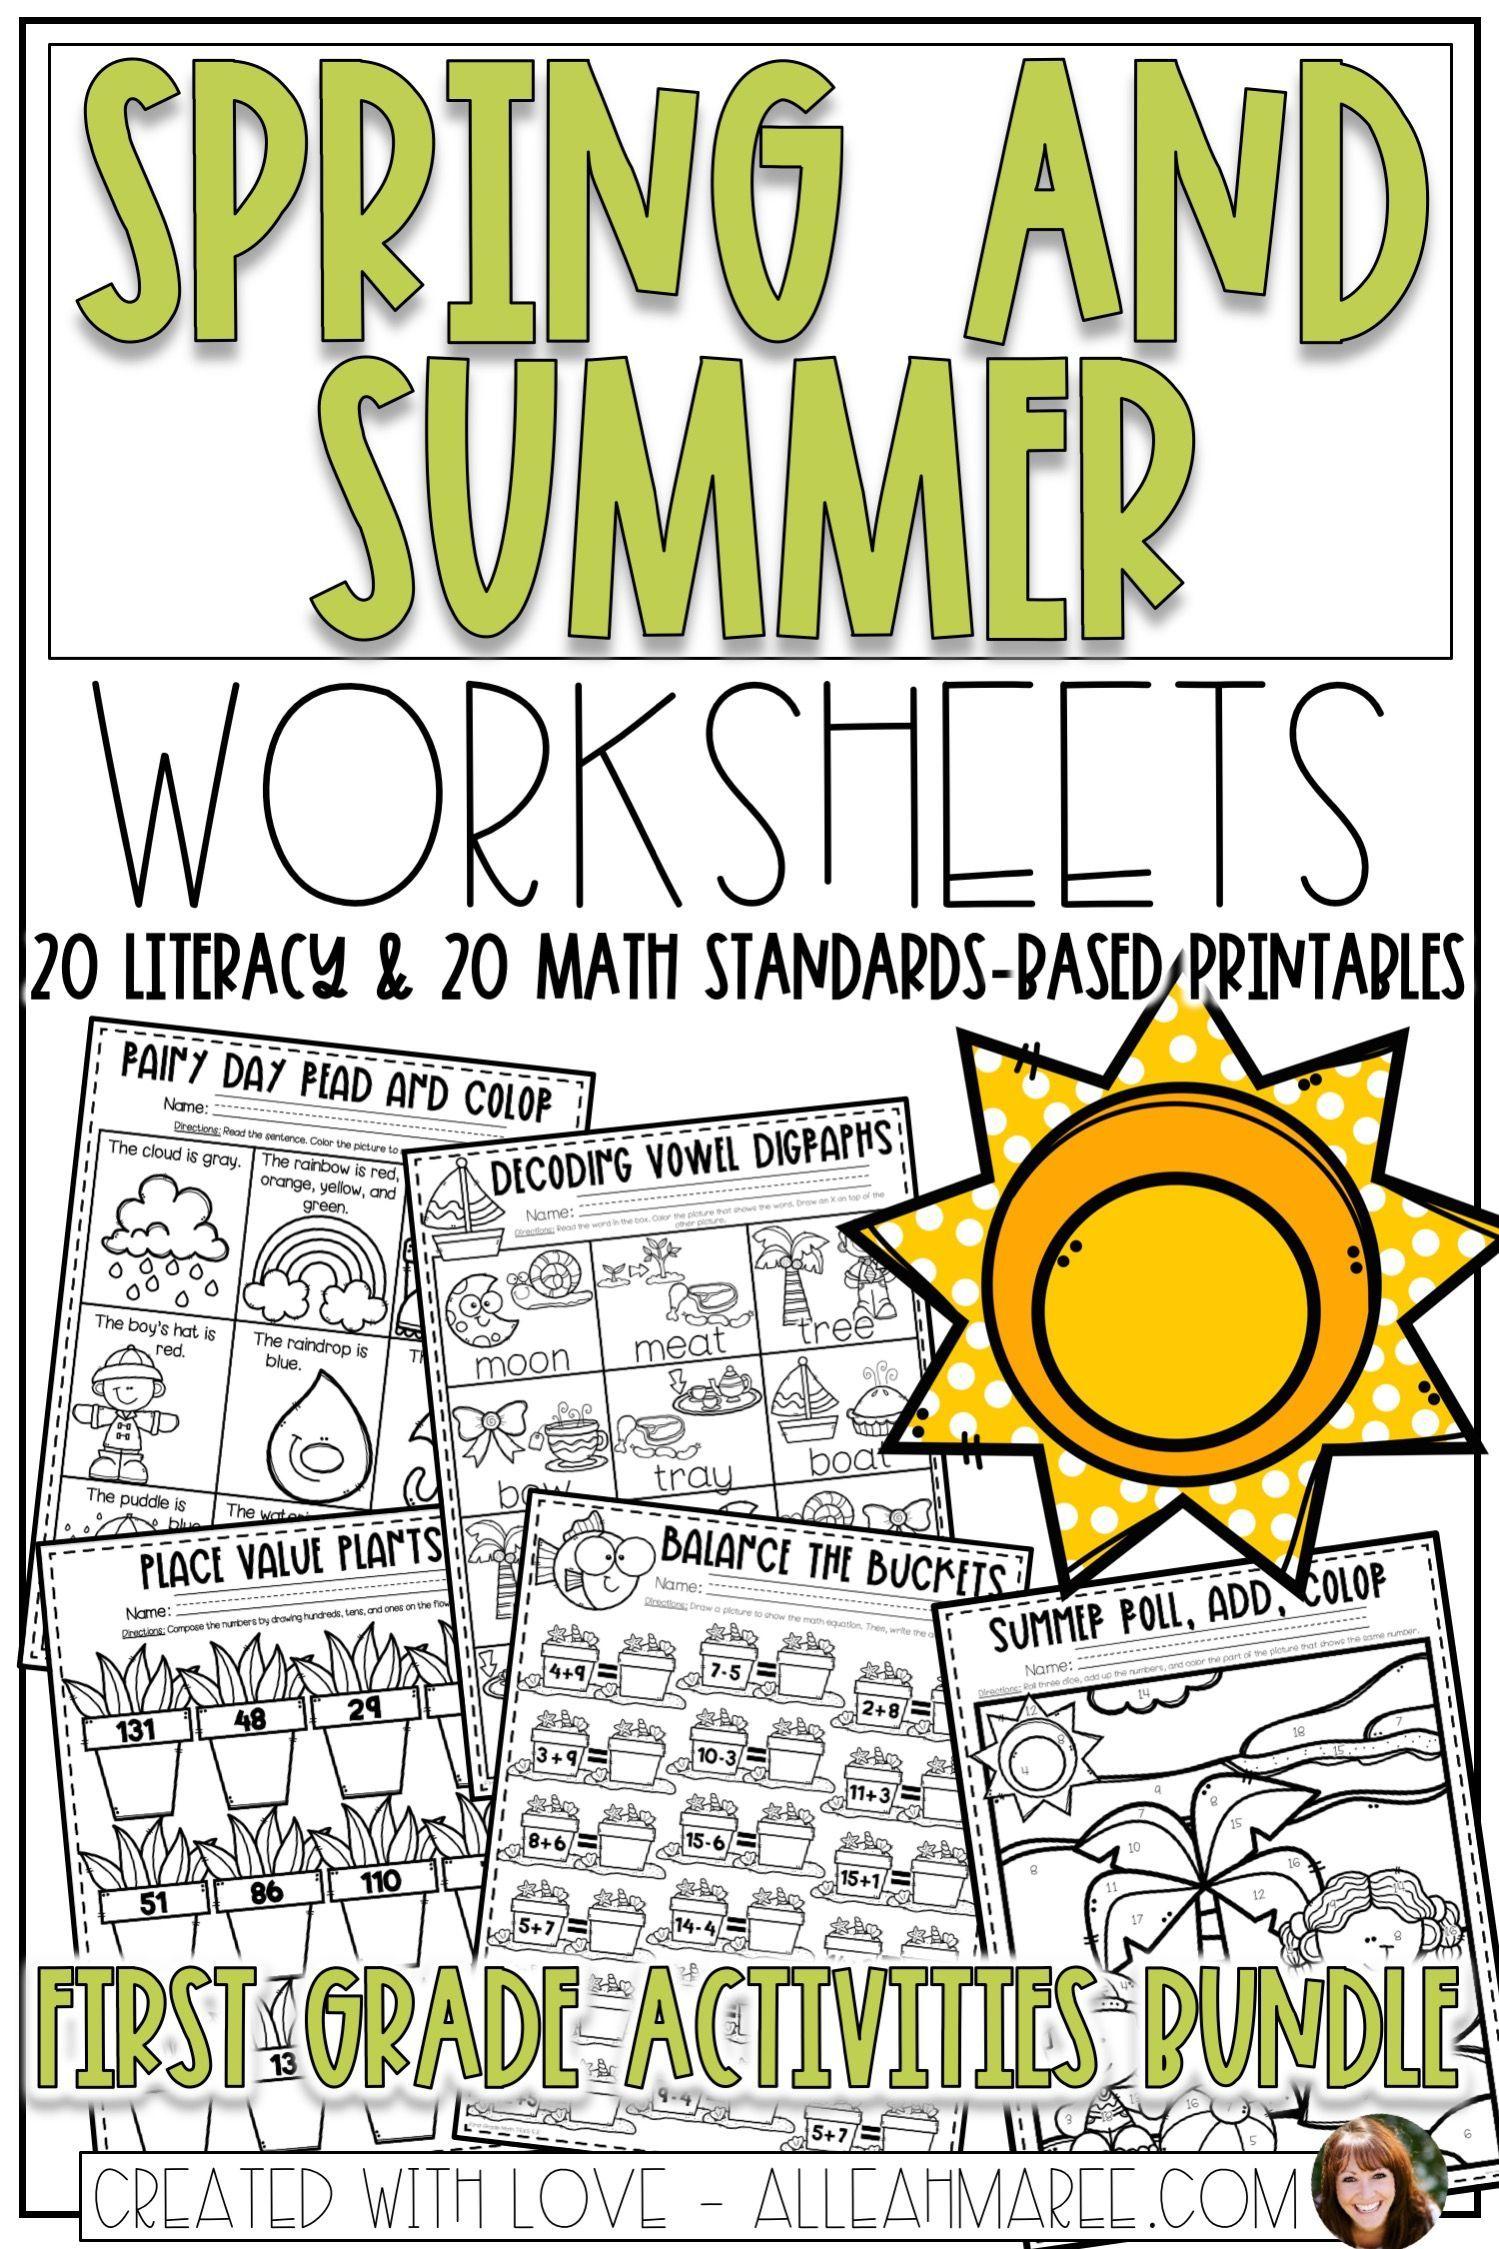 Spring Amp Summer Worksheets Bundle For First Grade